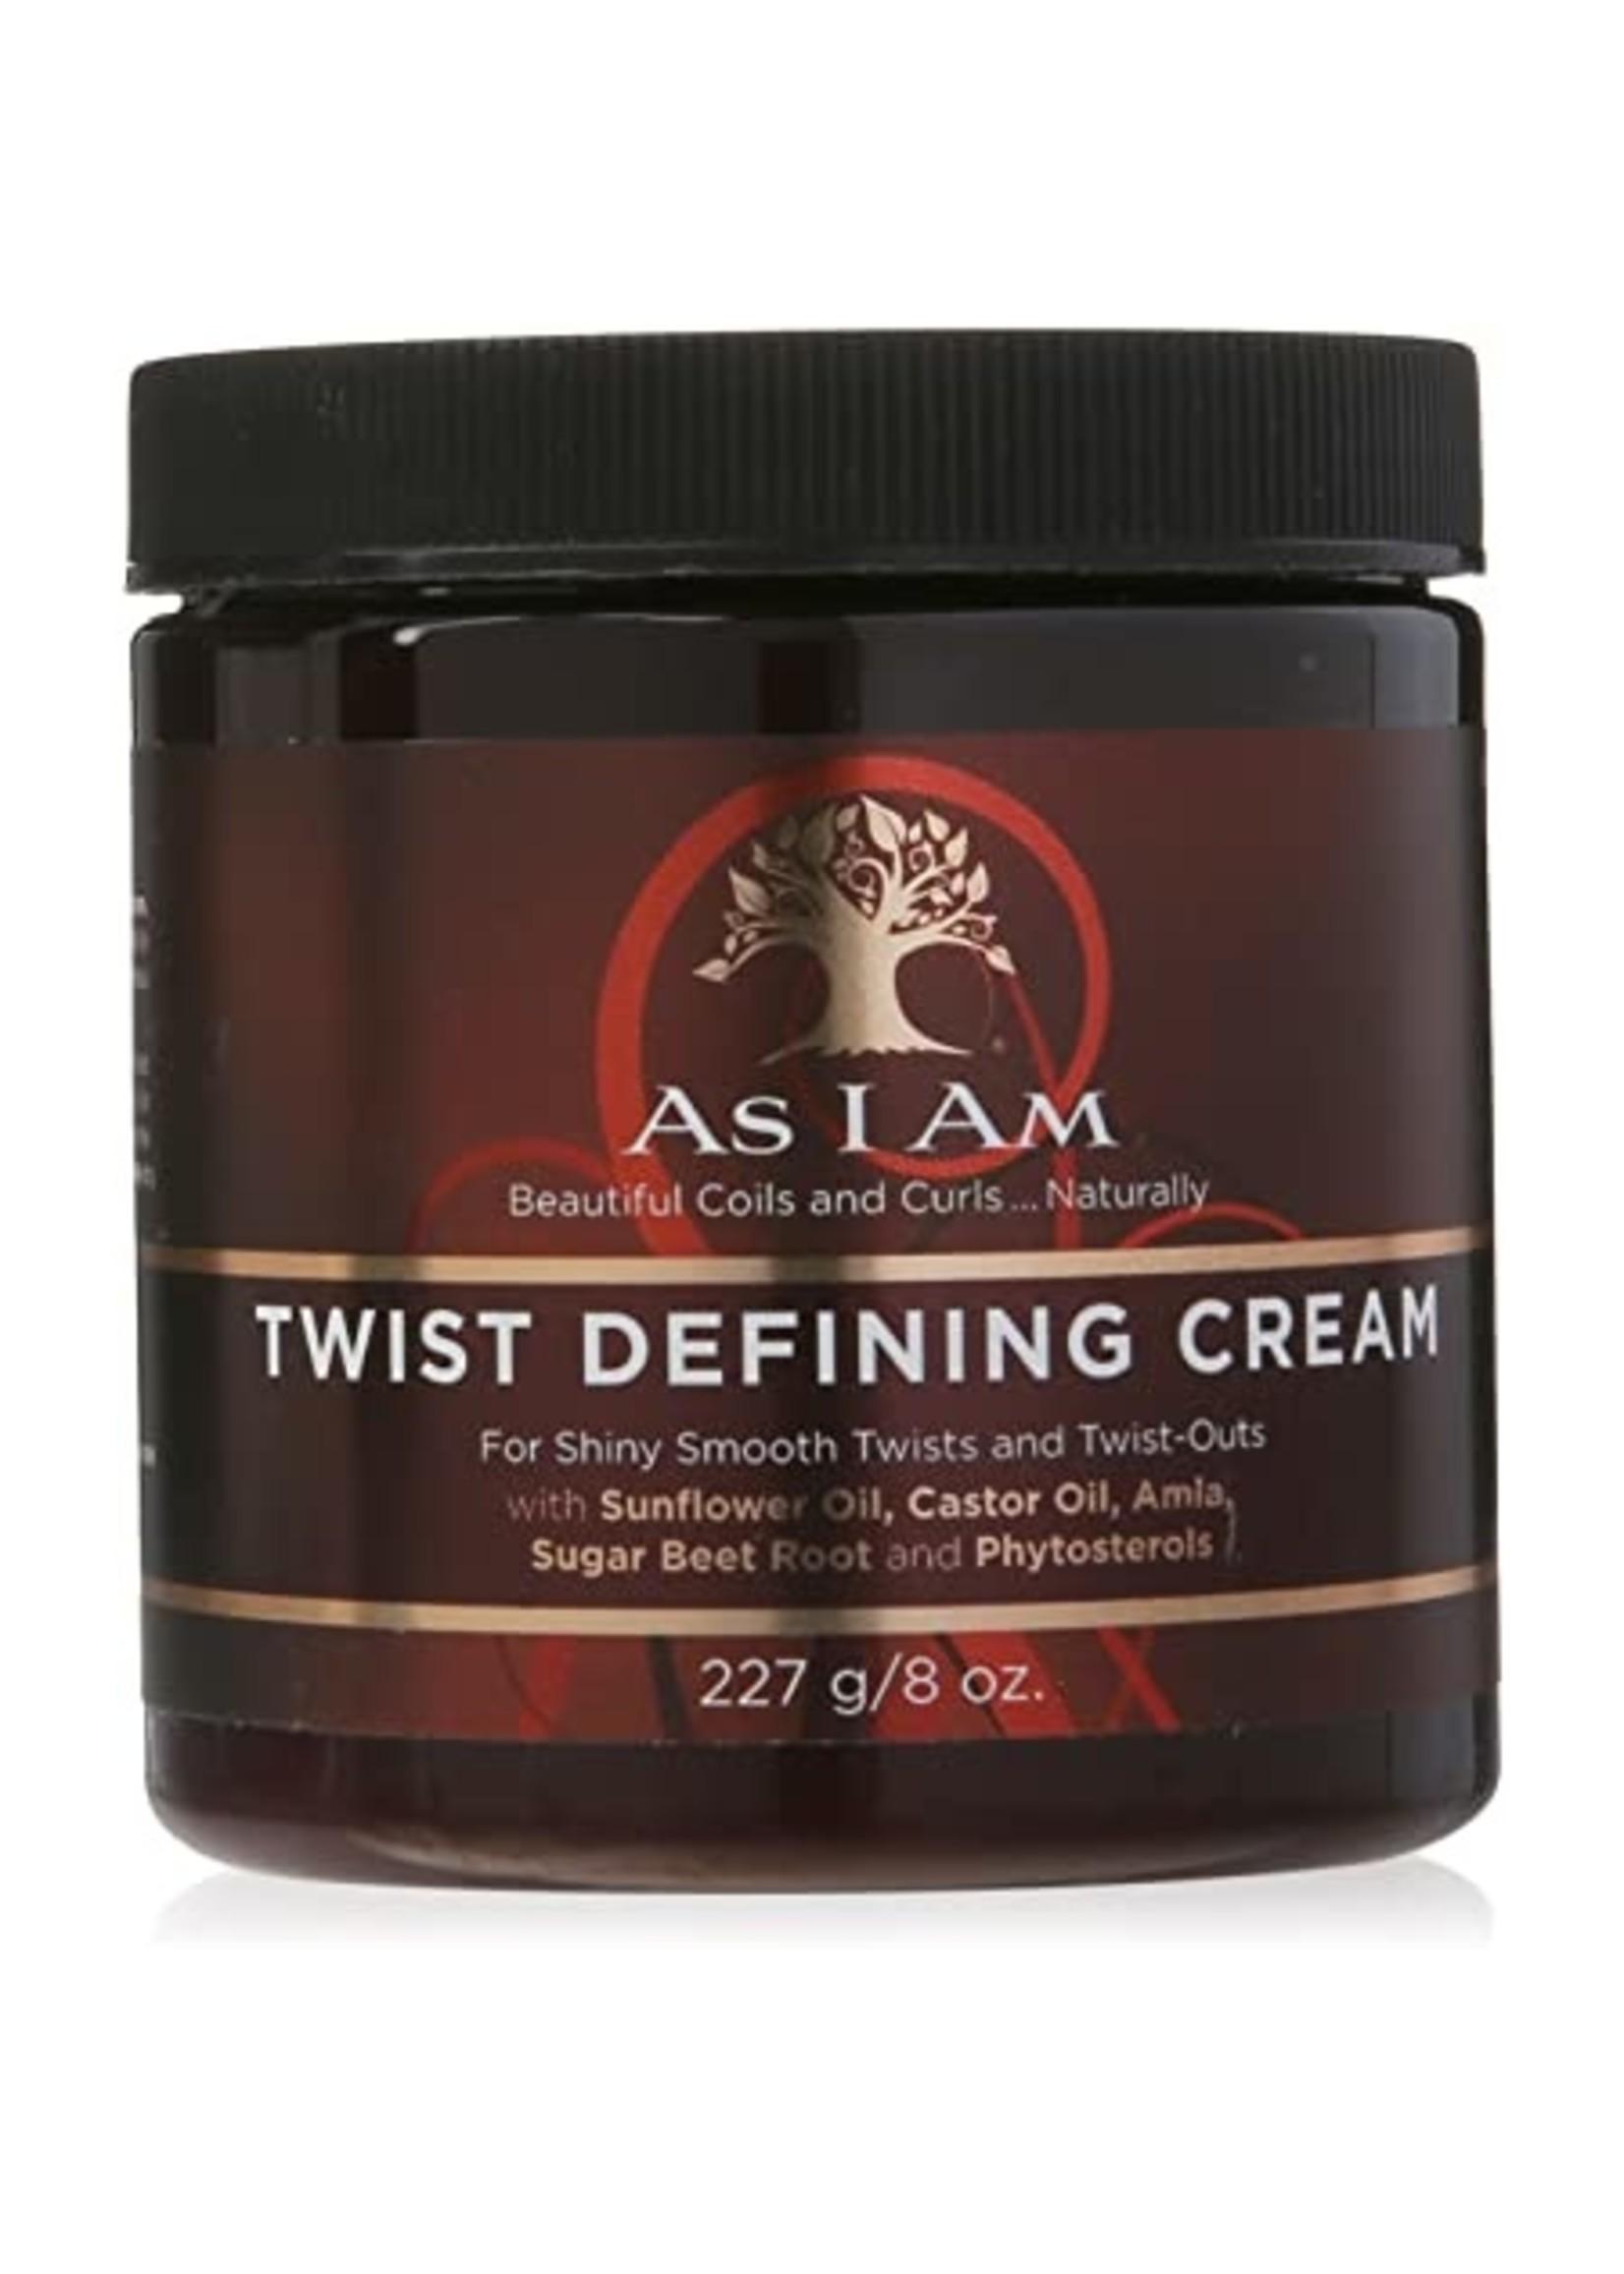 As I AM Twist Definining Cream